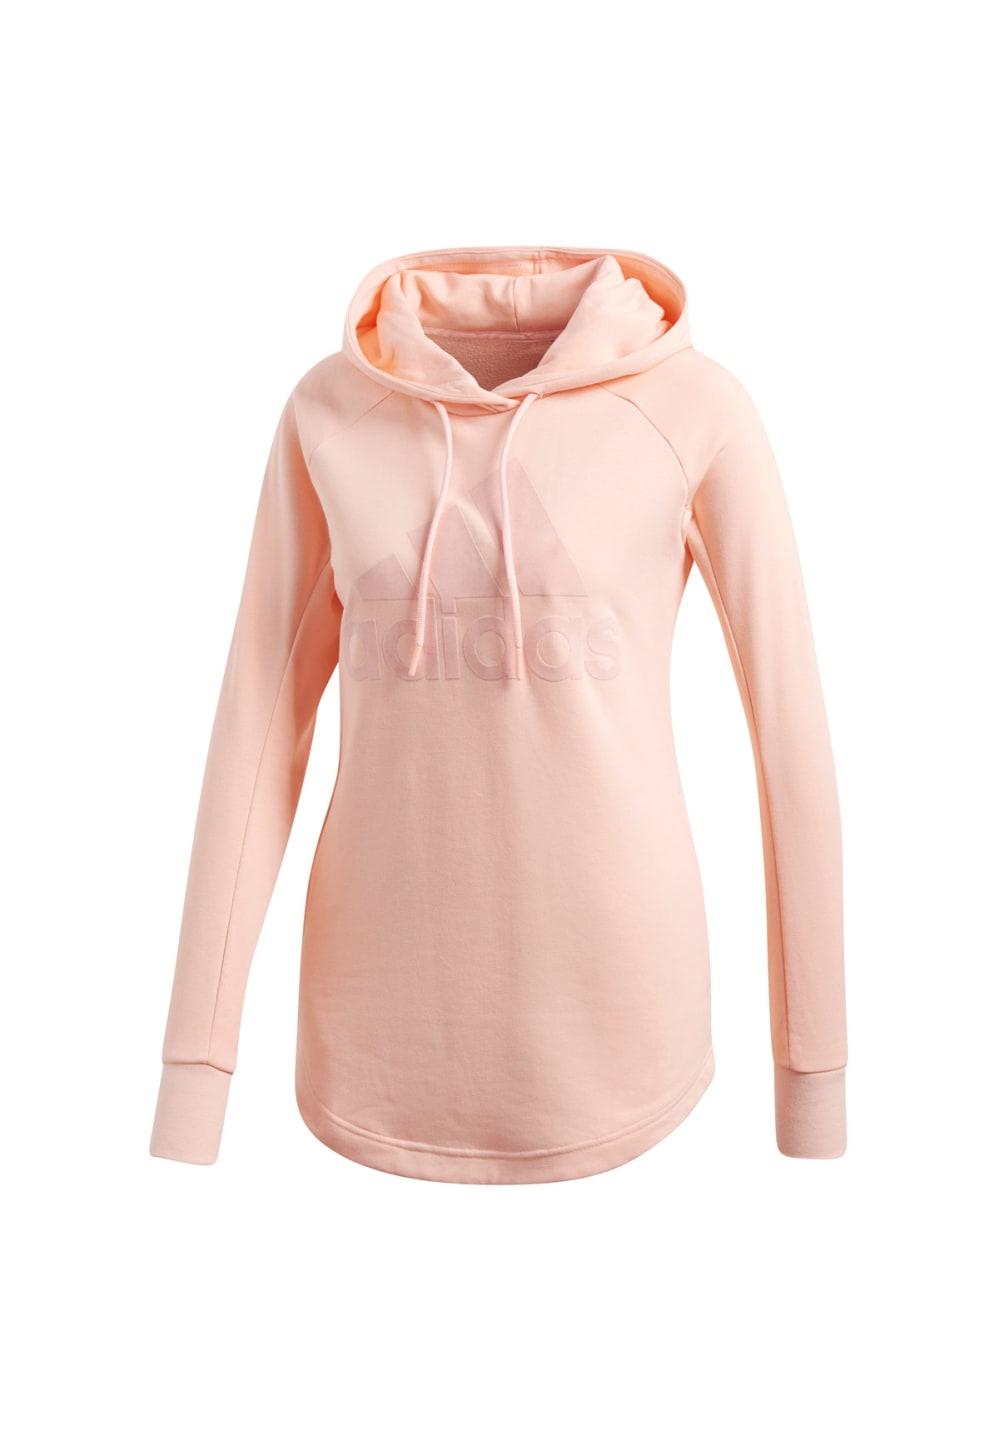 adidas Sport Id Hoodie - Sweatshirts & Hoodies für Damen - Beige